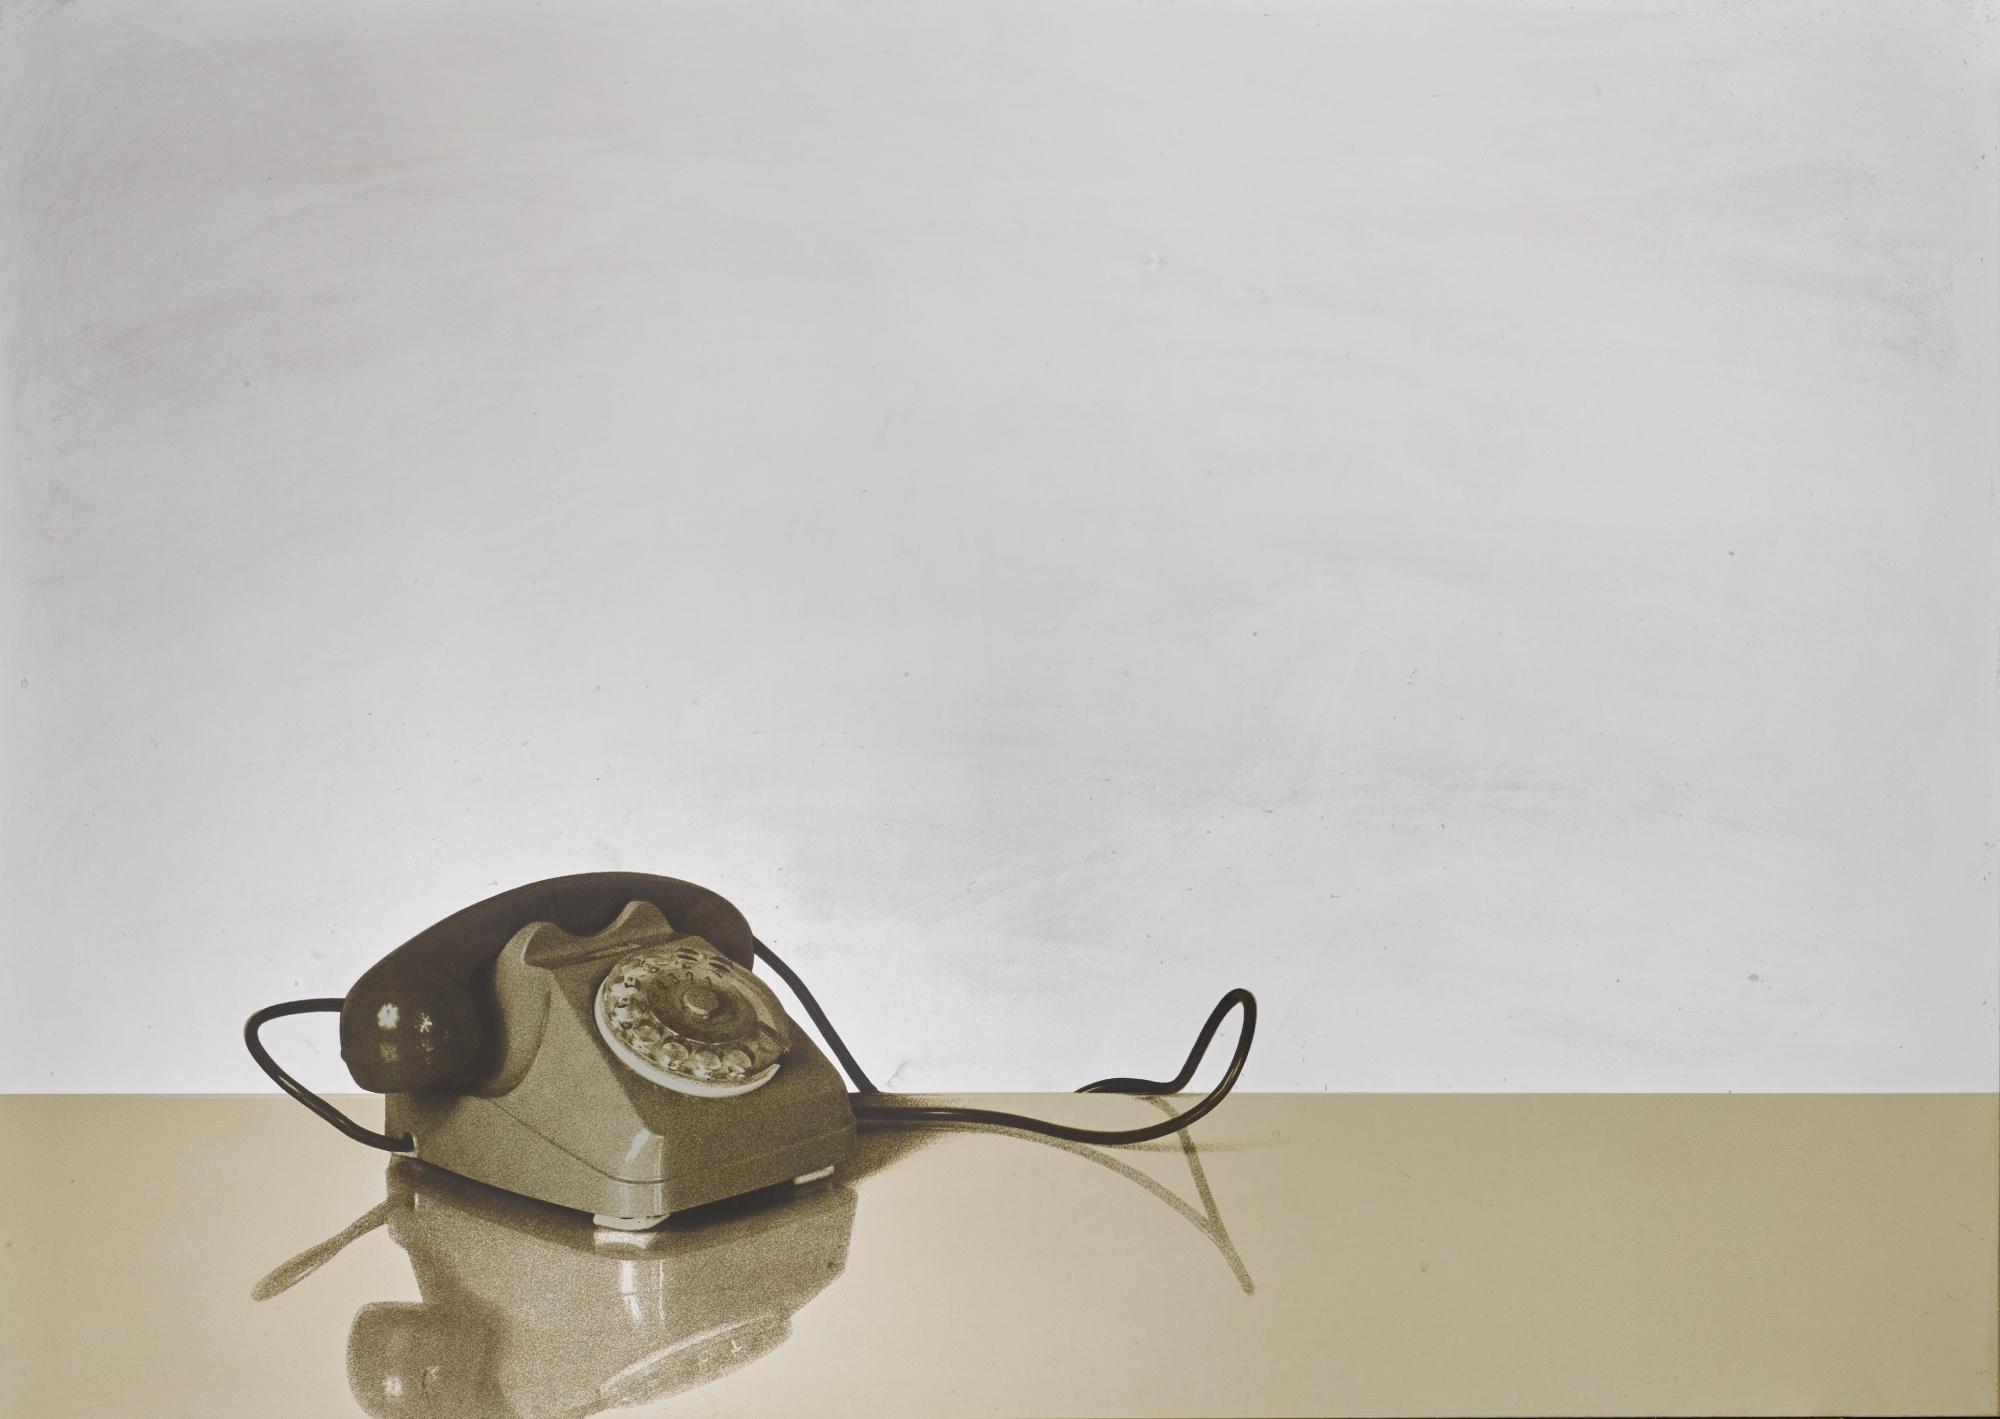 Michelangelo Pistoletto-Il Telefono-1970